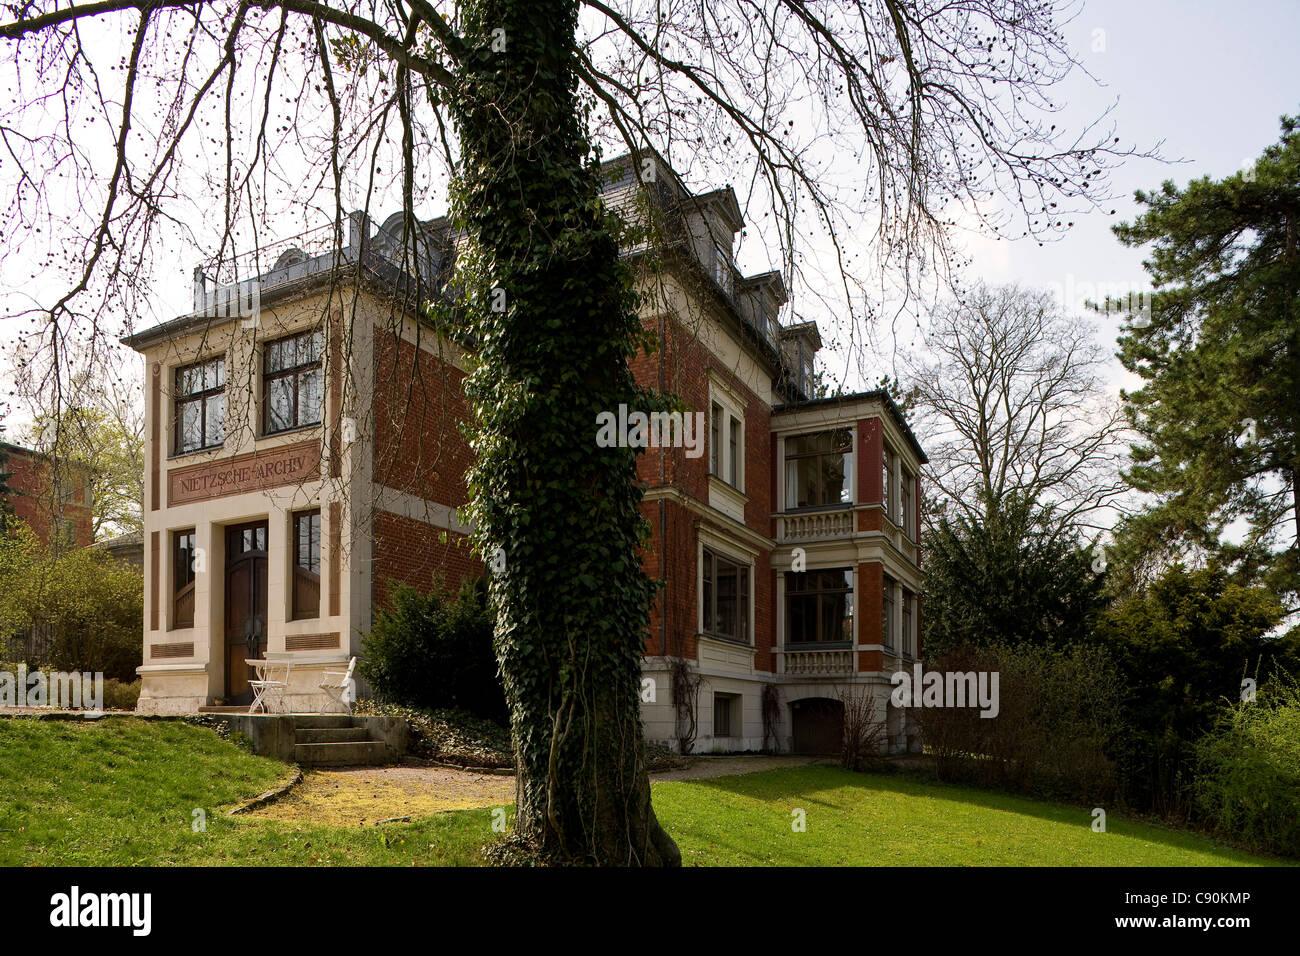 Nietzsche-Archiv, Weimar, Thüringen, Deutschland, Europa Stockbild